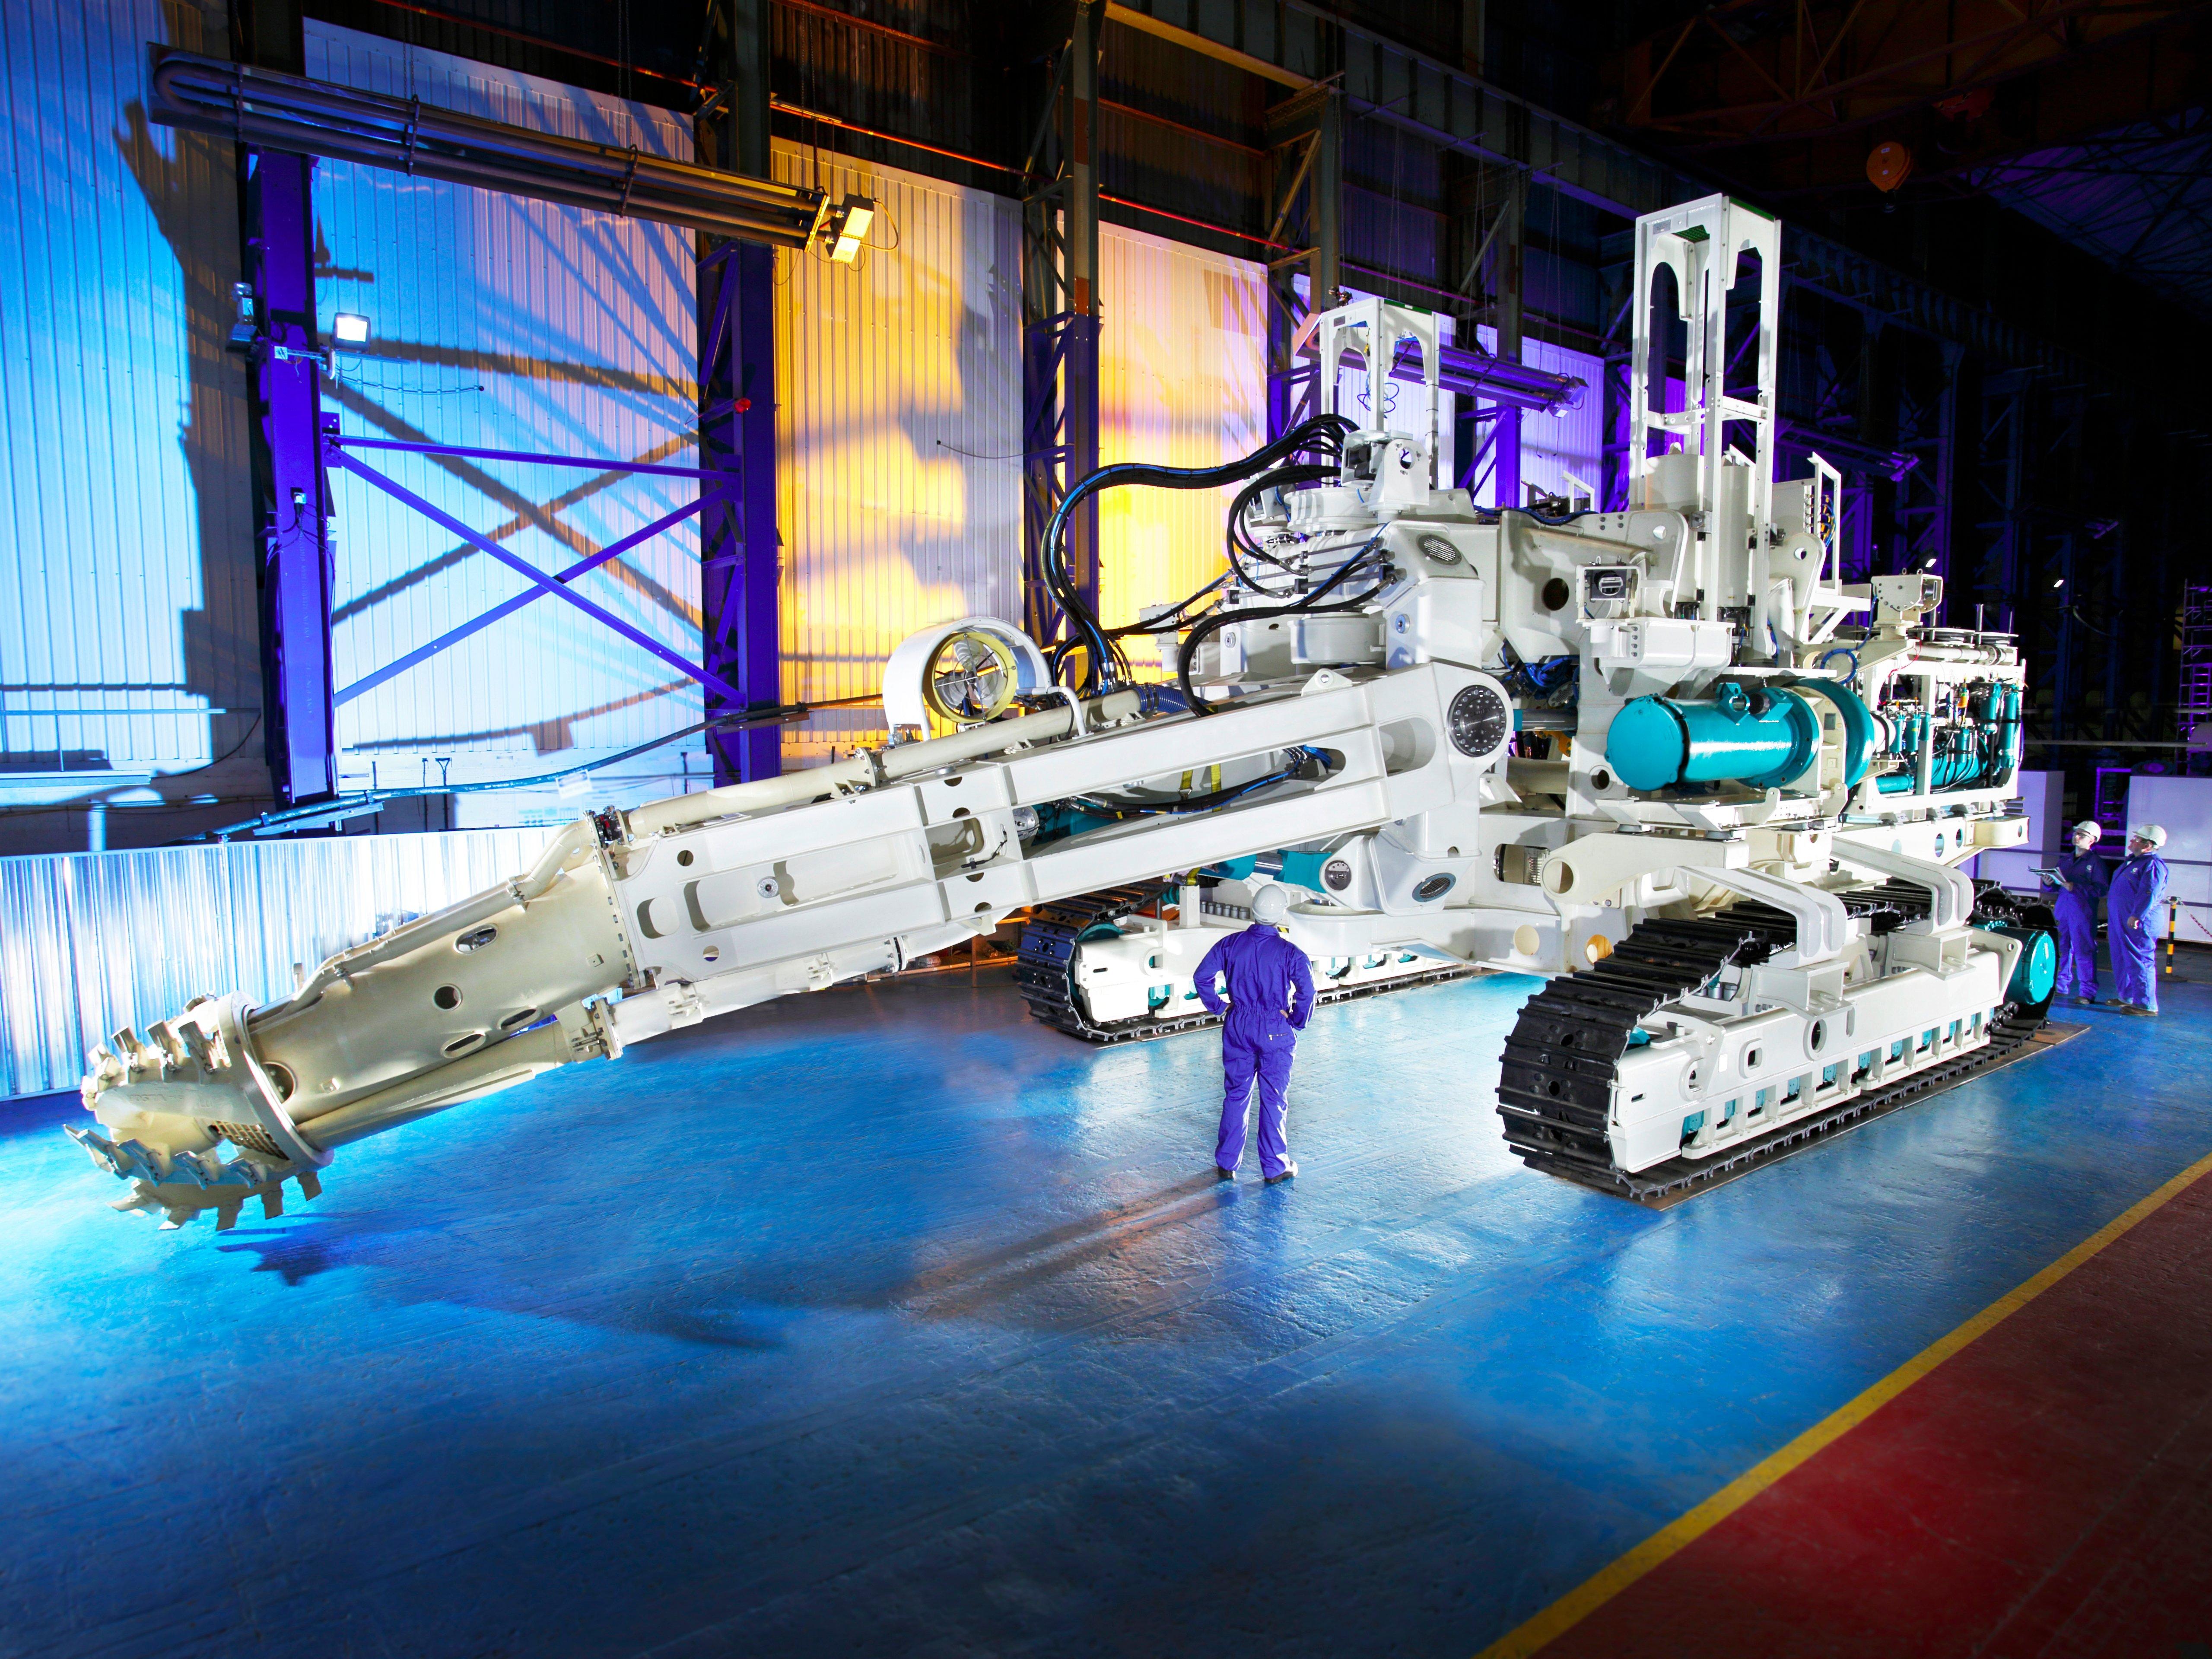 ربات های غول پیکر کف اقیانوس را برای یافتن طلا، نقره و مس حفاری می کنند